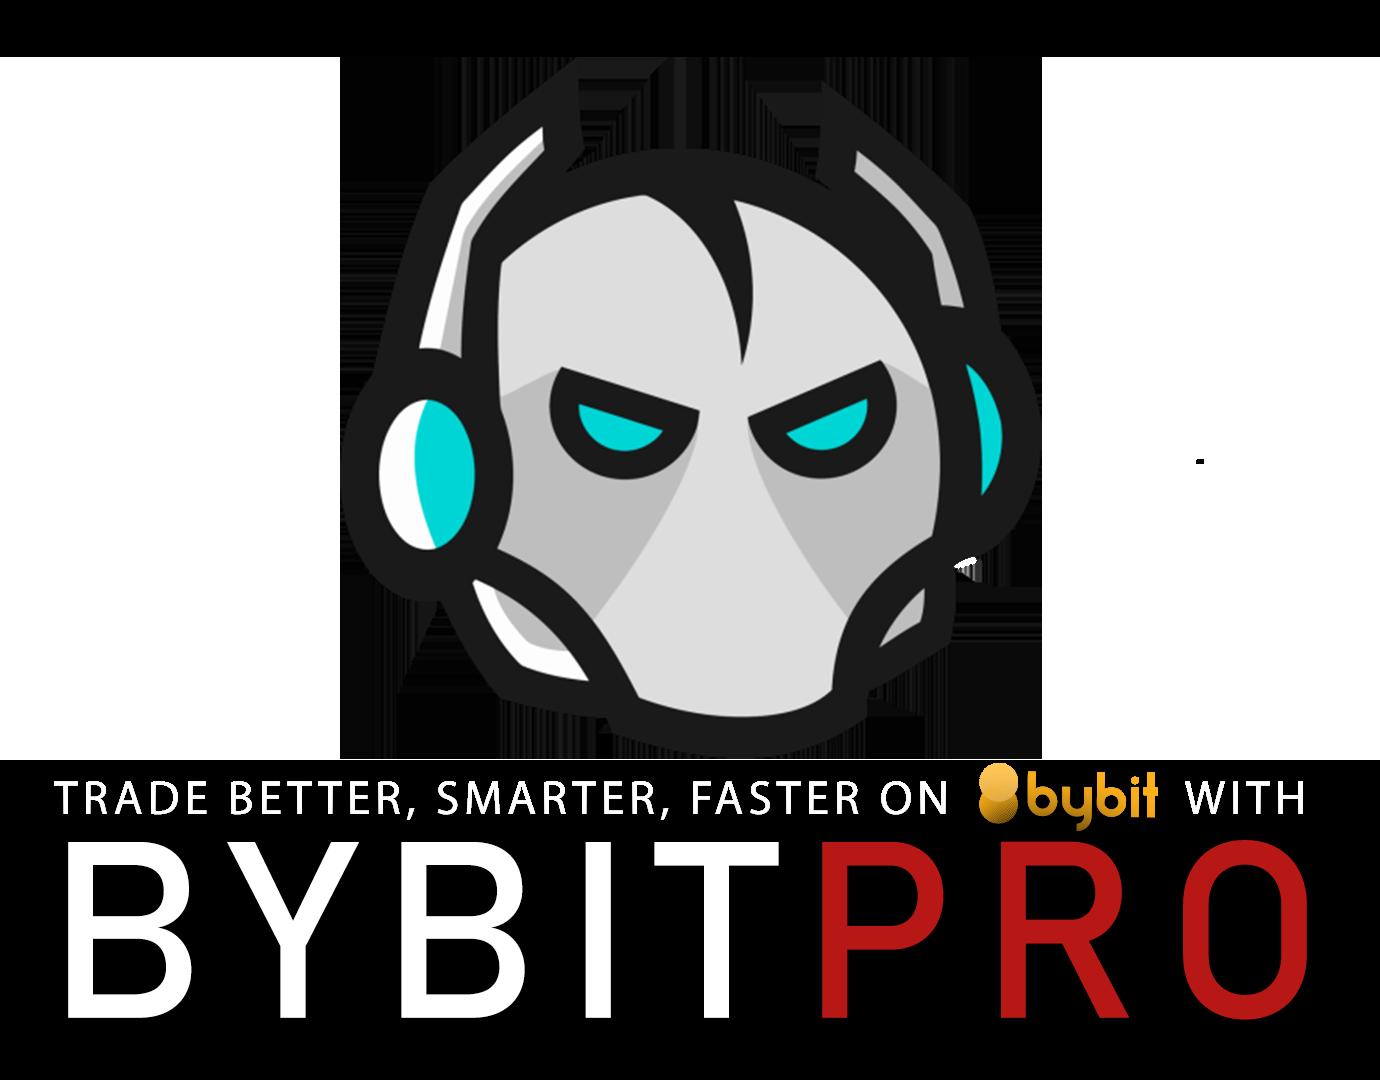 Bybitprologo